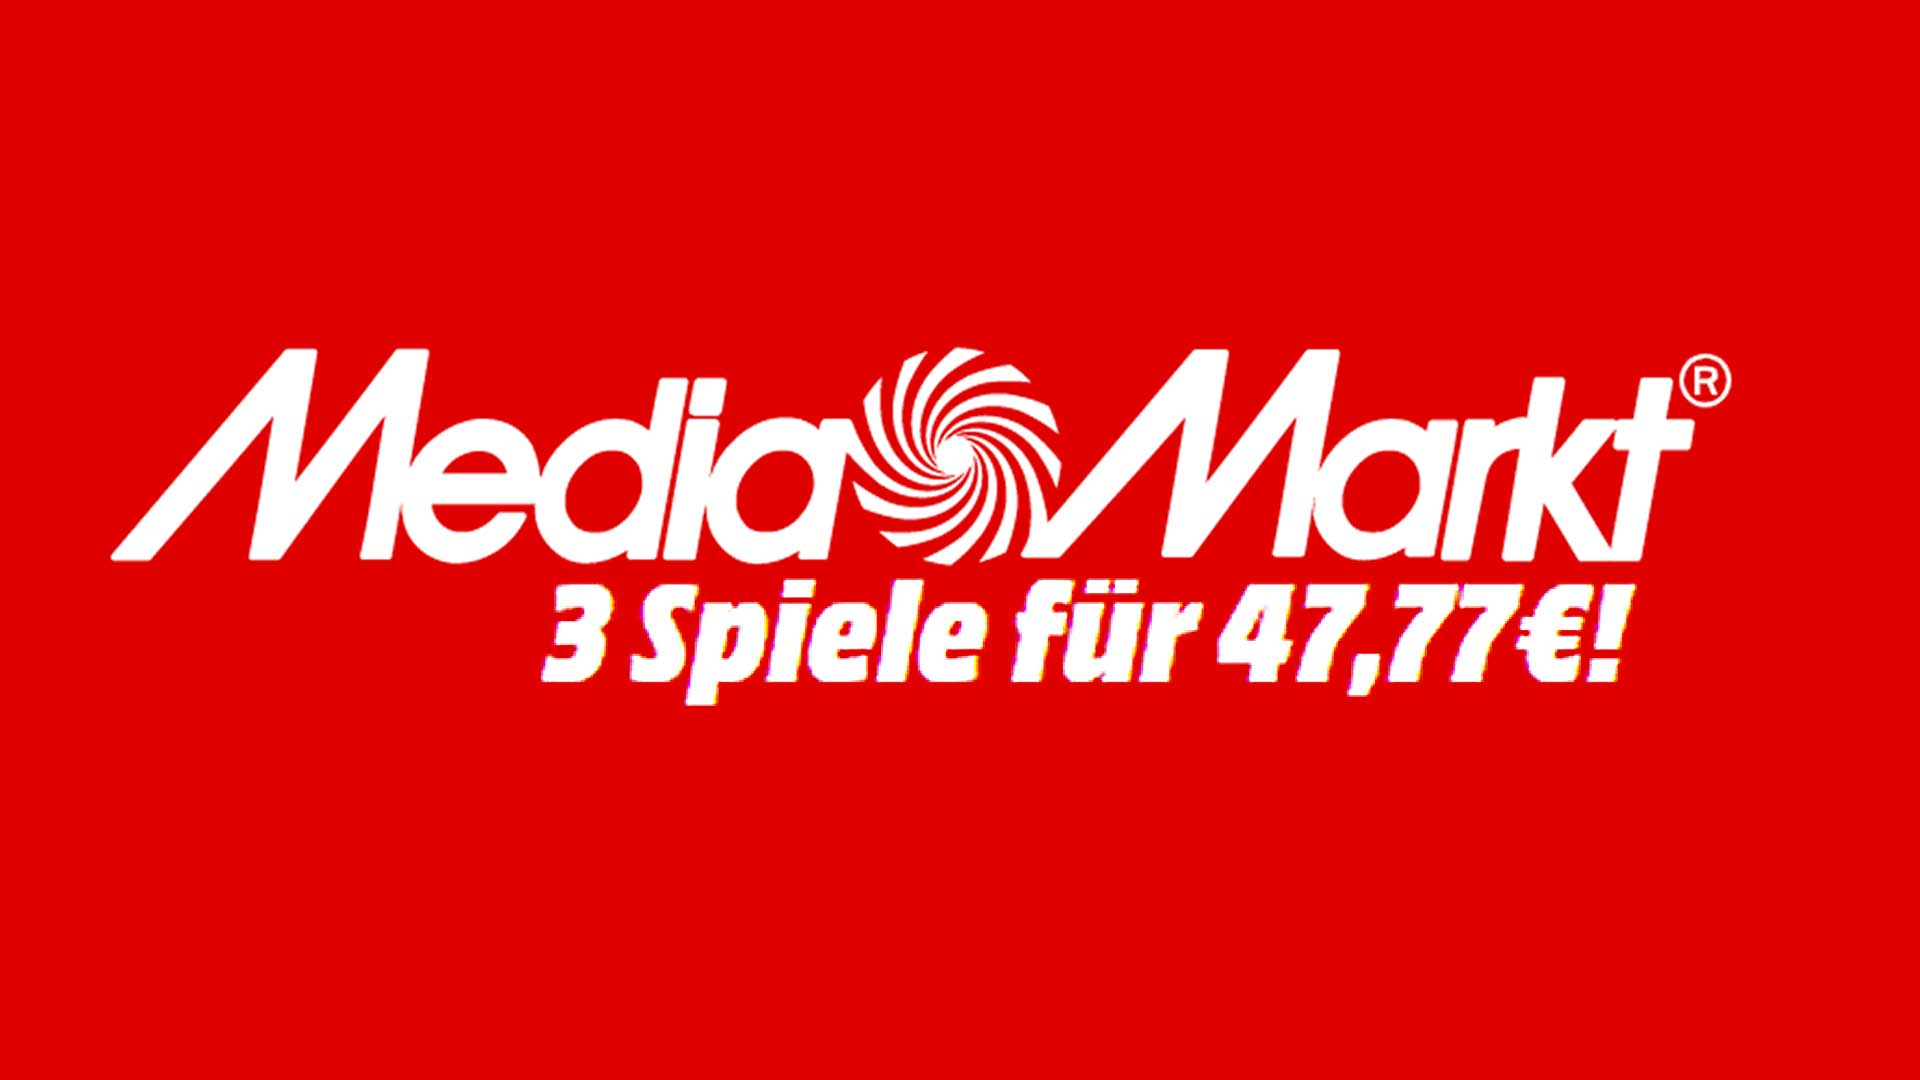 mediamarkt 3 fuer 4777